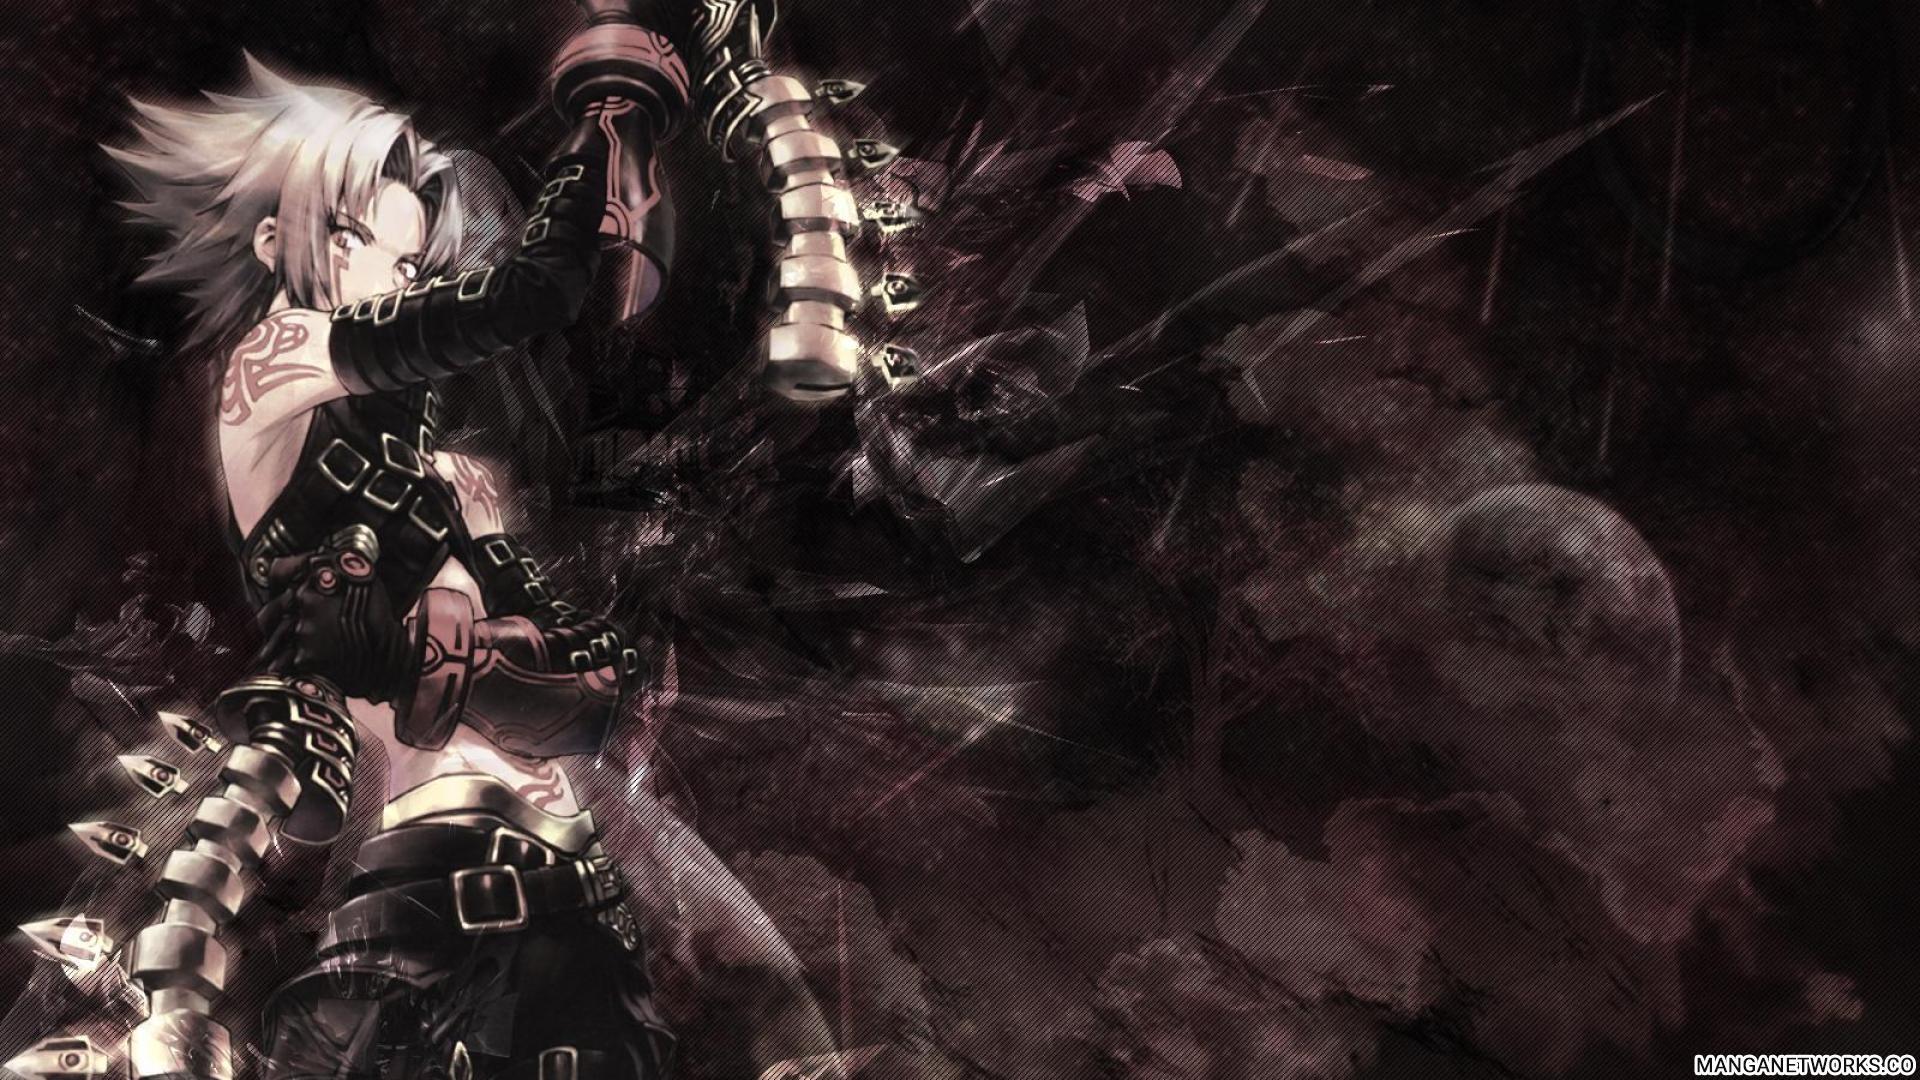 35400778500 557704903b o [Đề xuất] Top 10 những bộ anime về game đáng chú ý.